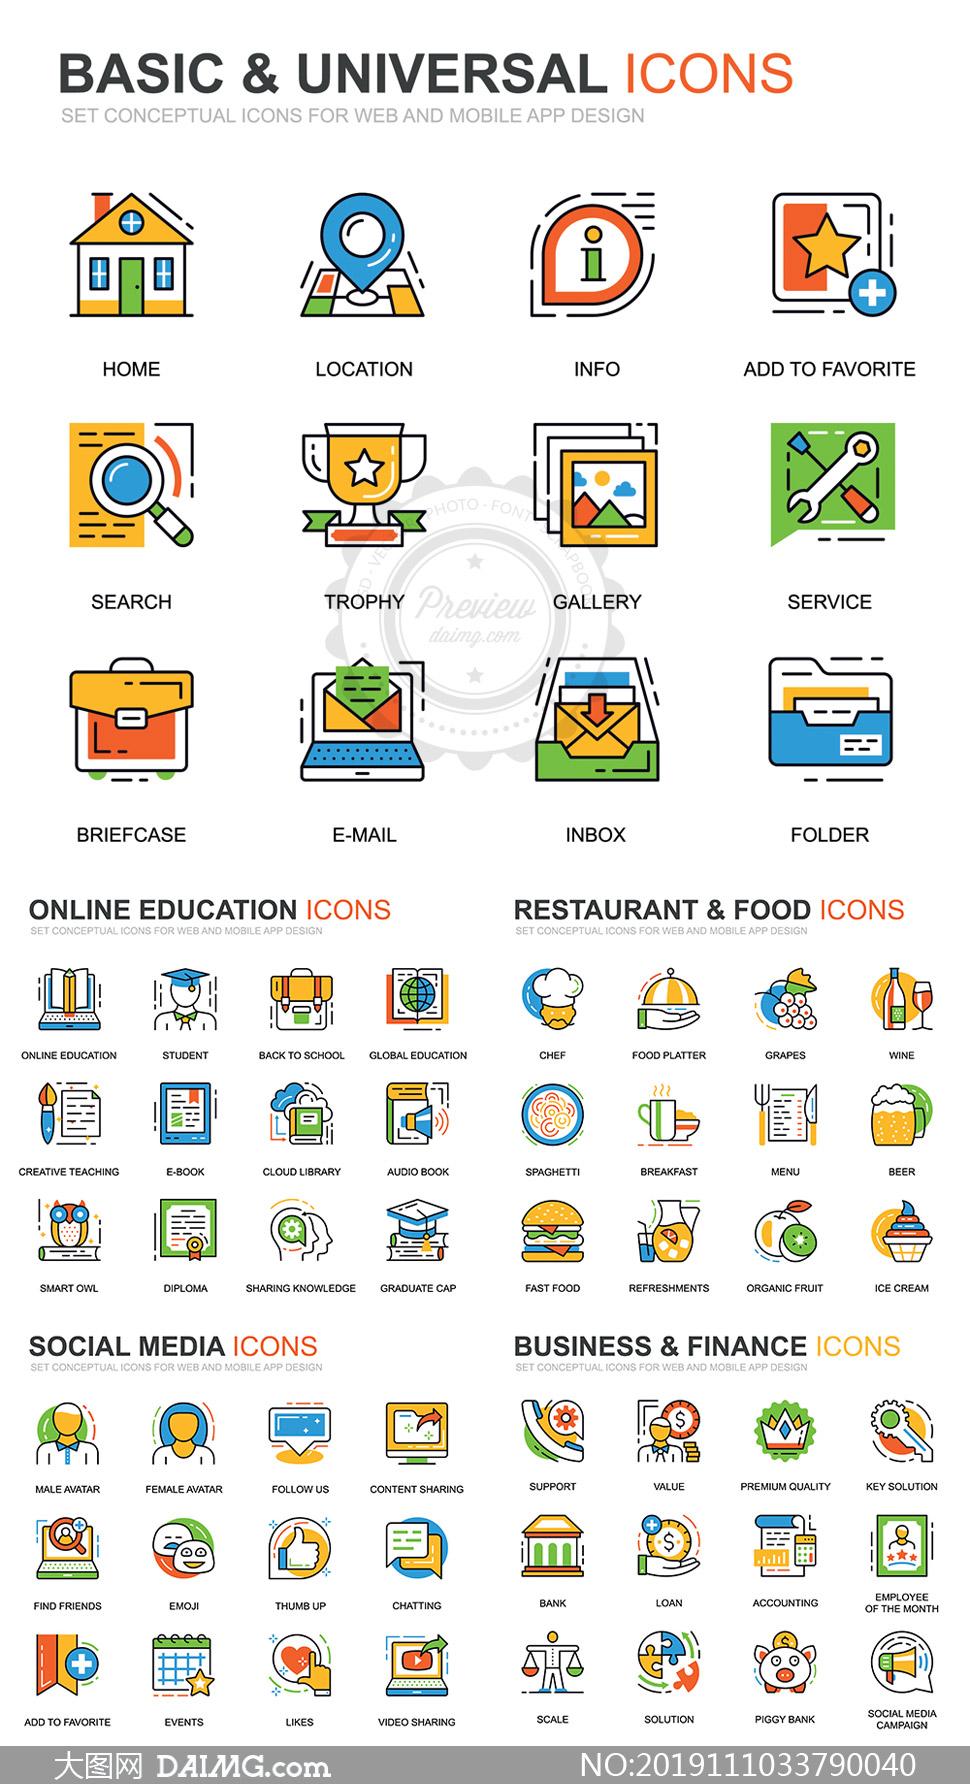 商务金融与社交媒体等图标矢量素材